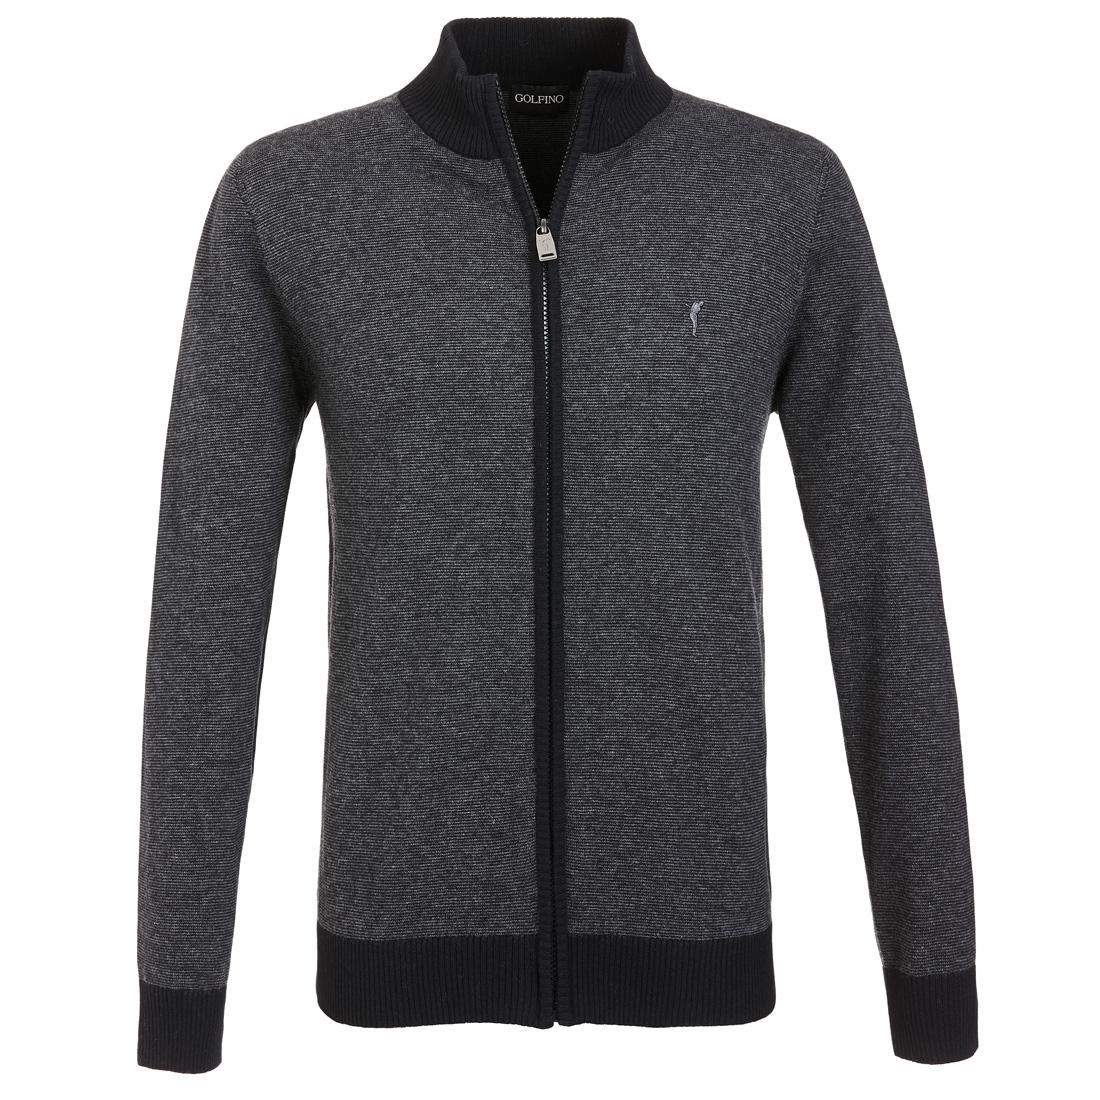 Herren Golfjacke aus feiner Merino Wolle mit modischem Streifenmuster